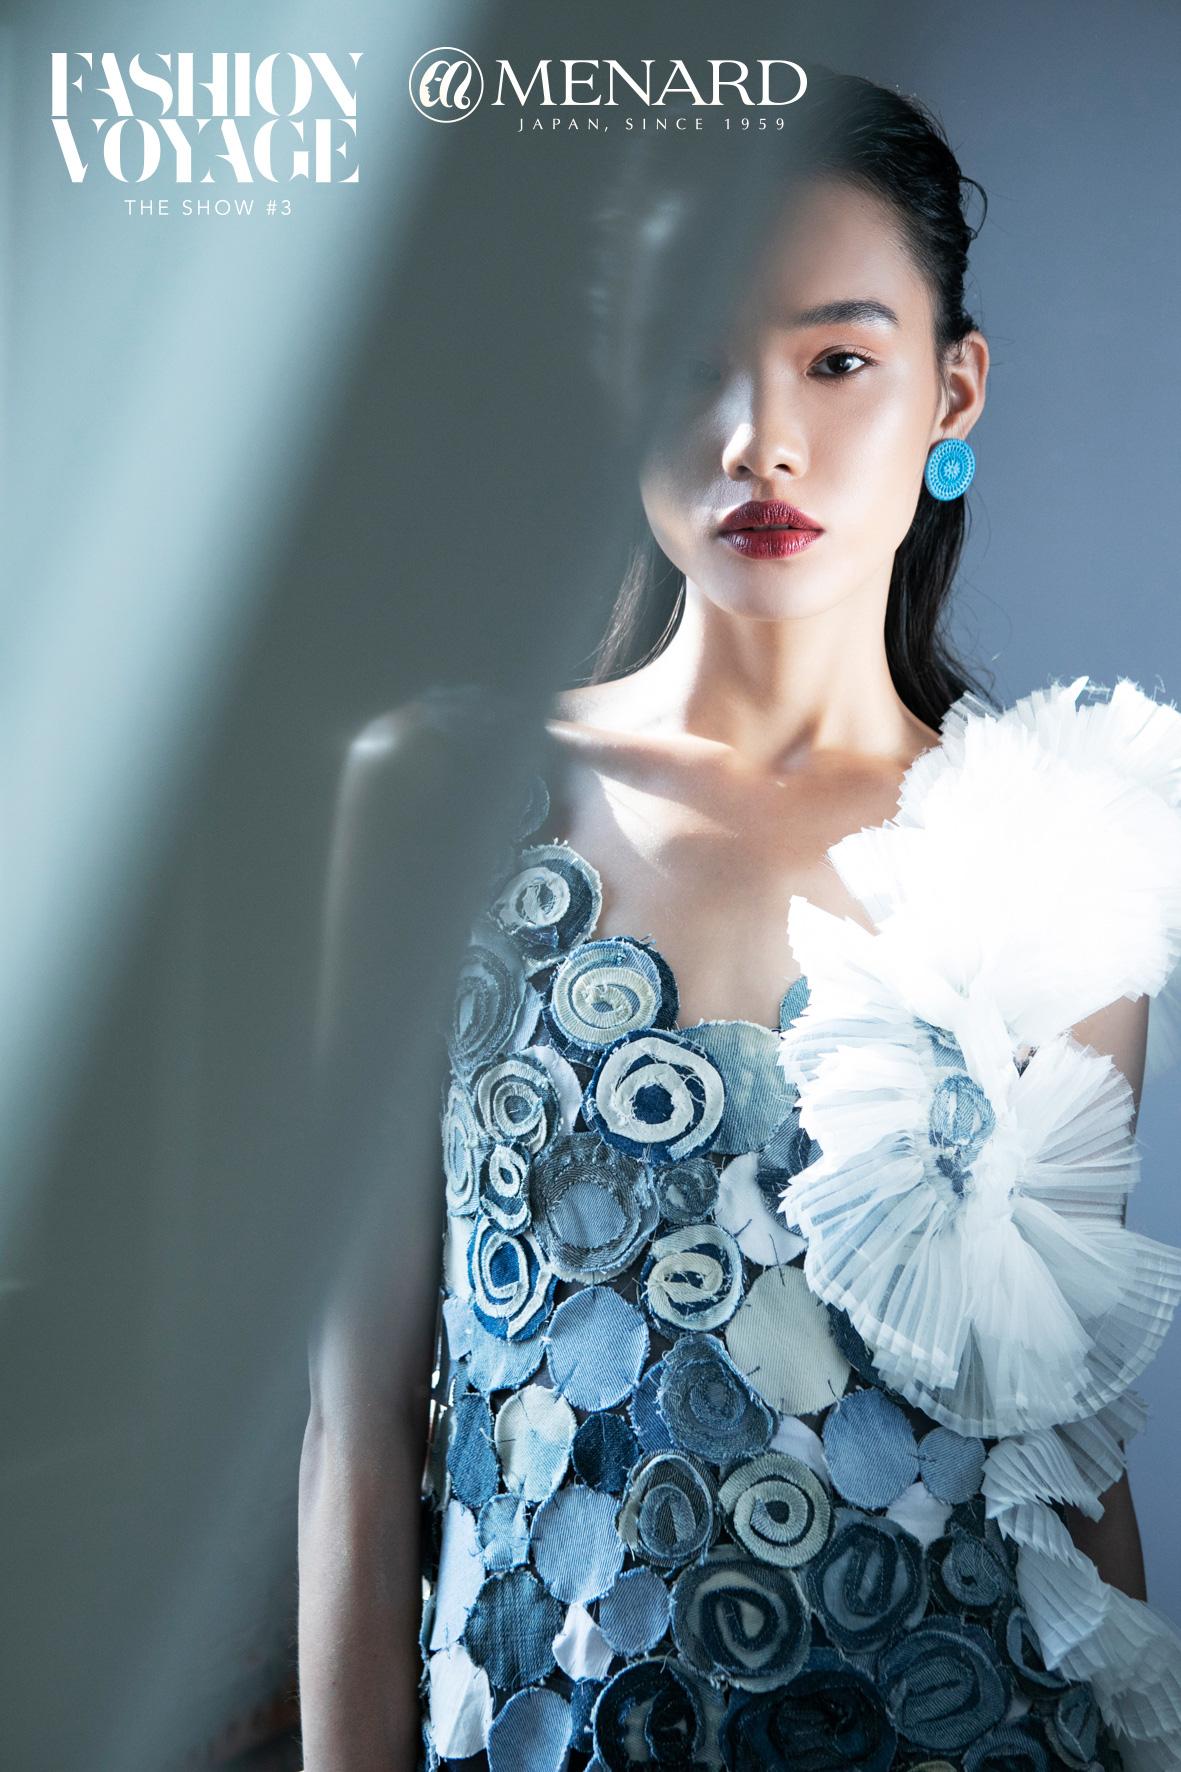 Fashion Voyage #3: Nghệ thuật trang điểm đánh thức khát vọng vẻ đẹp đích thực - Ảnh 1.